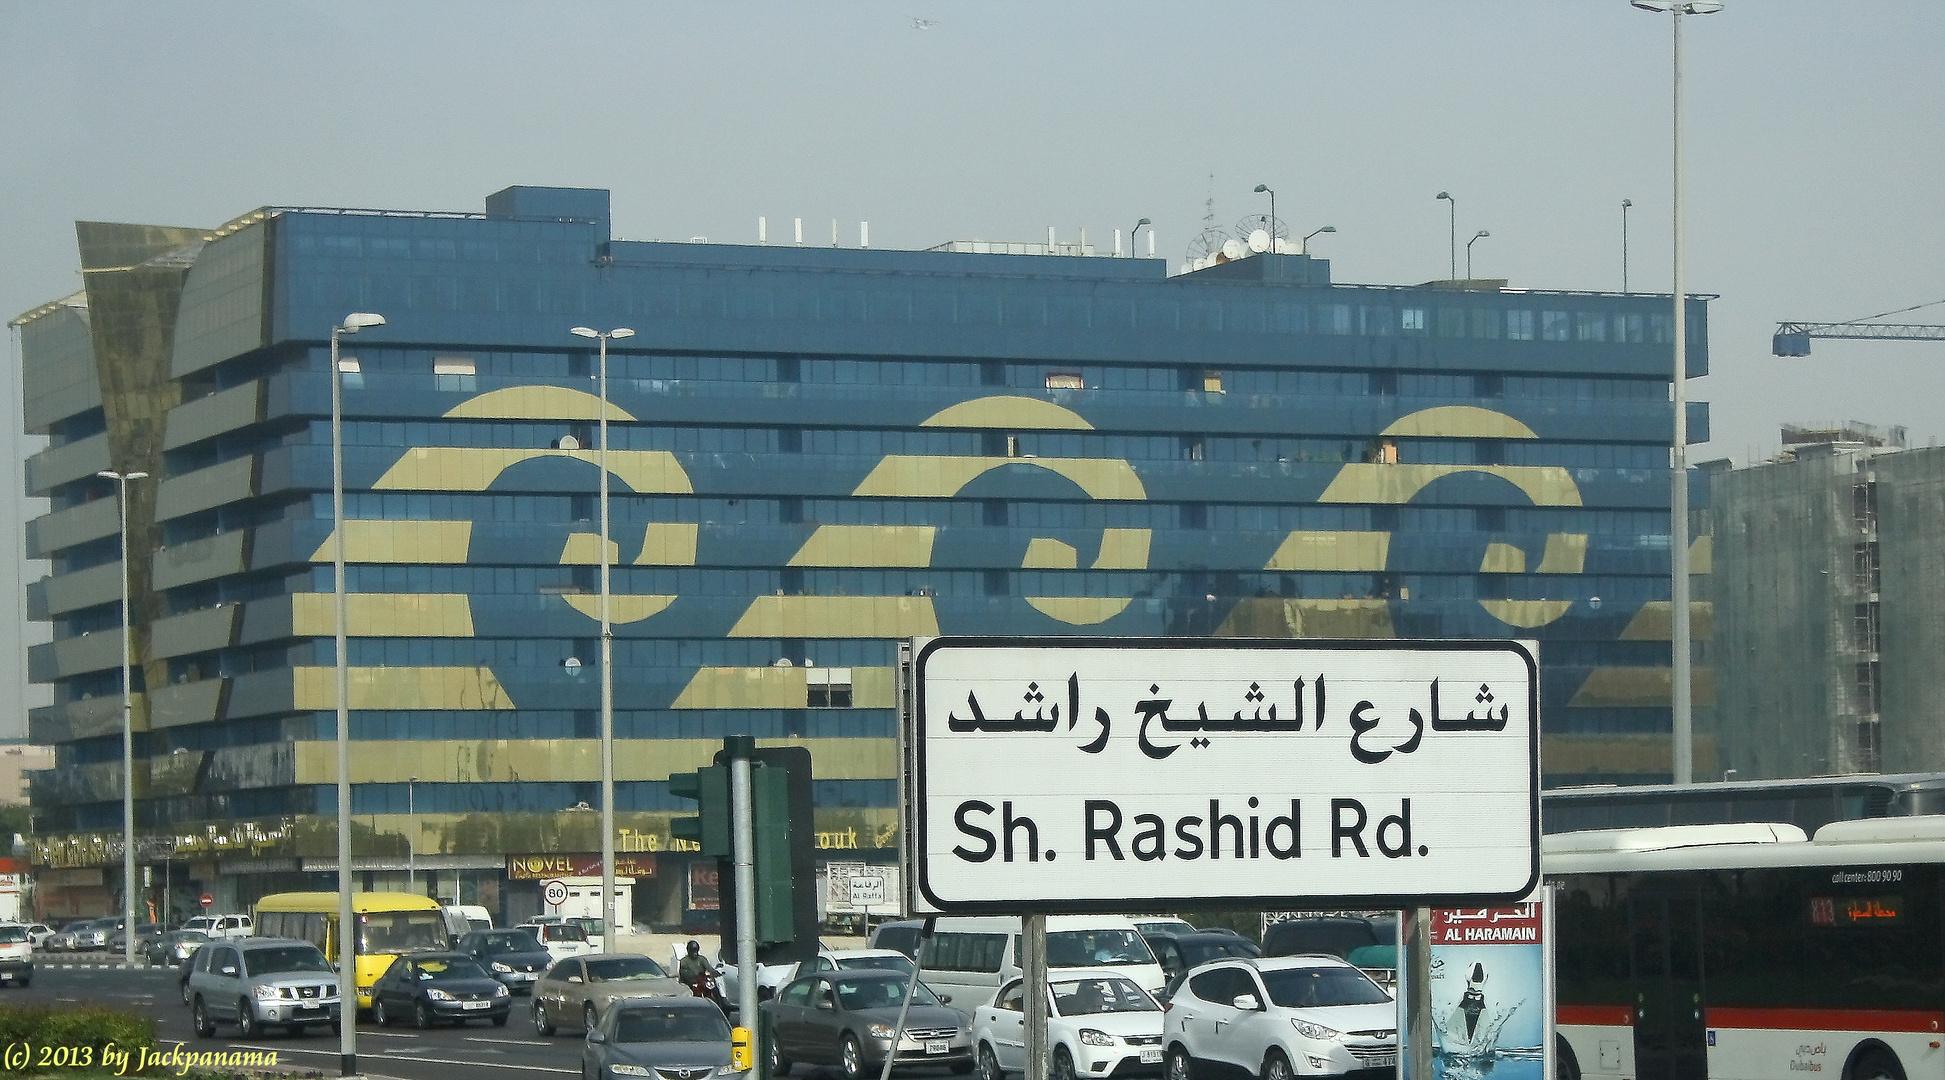 Auf der Fahrt nach Dubai - City